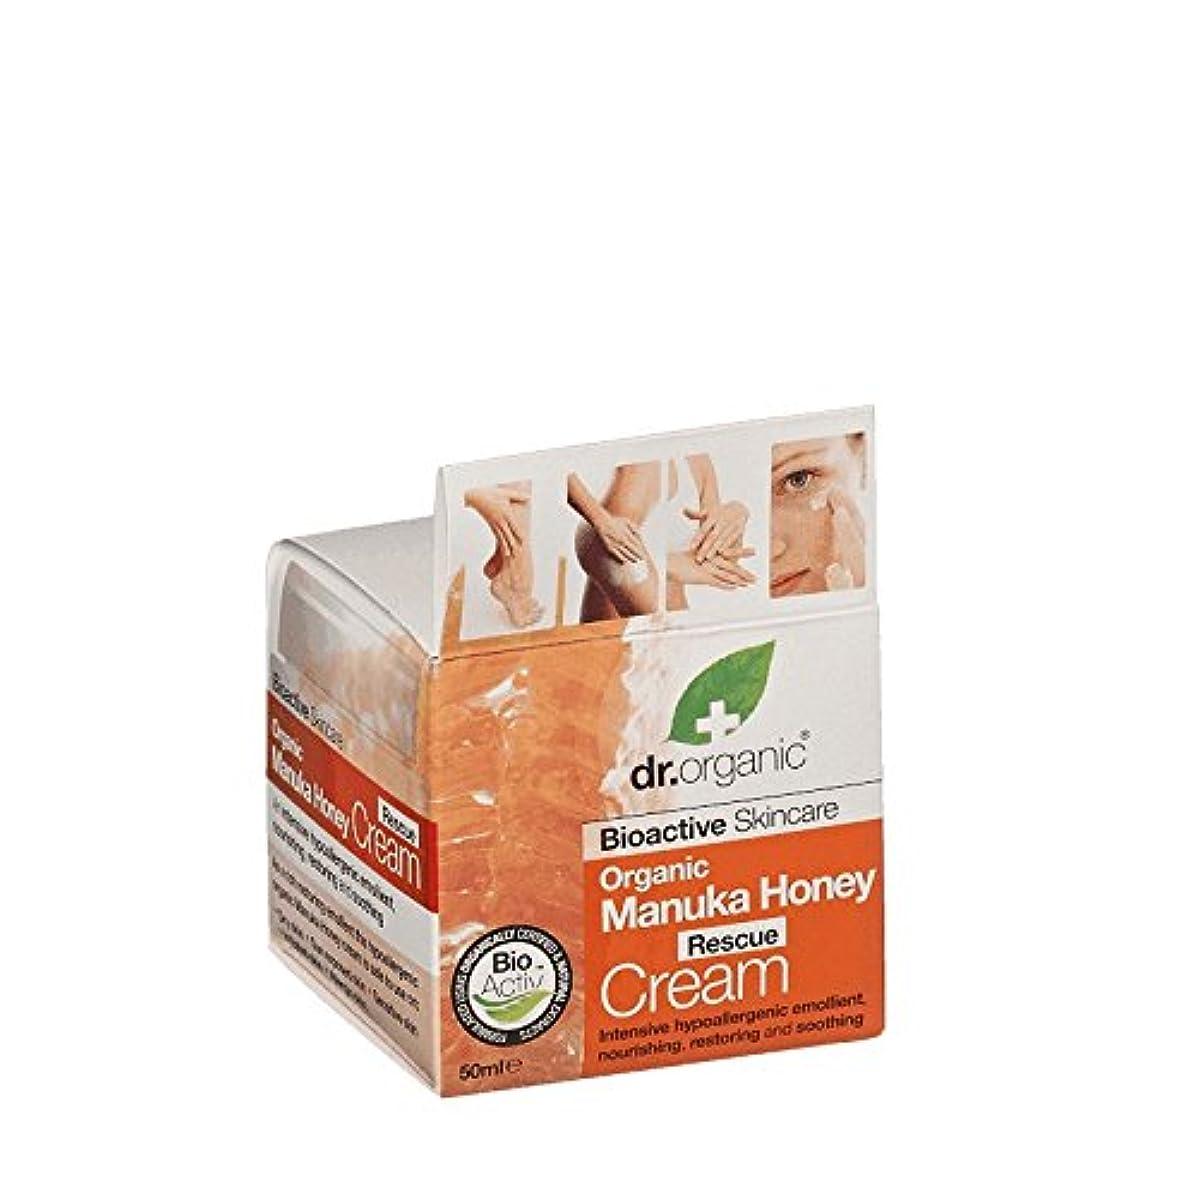 再編成するポーク増幅器Dr Organic Manuka Honey Rescue Cream (Pack of 2) - Dr有機マヌカハニーレスキュークリーム (x2) [並行輸入品]